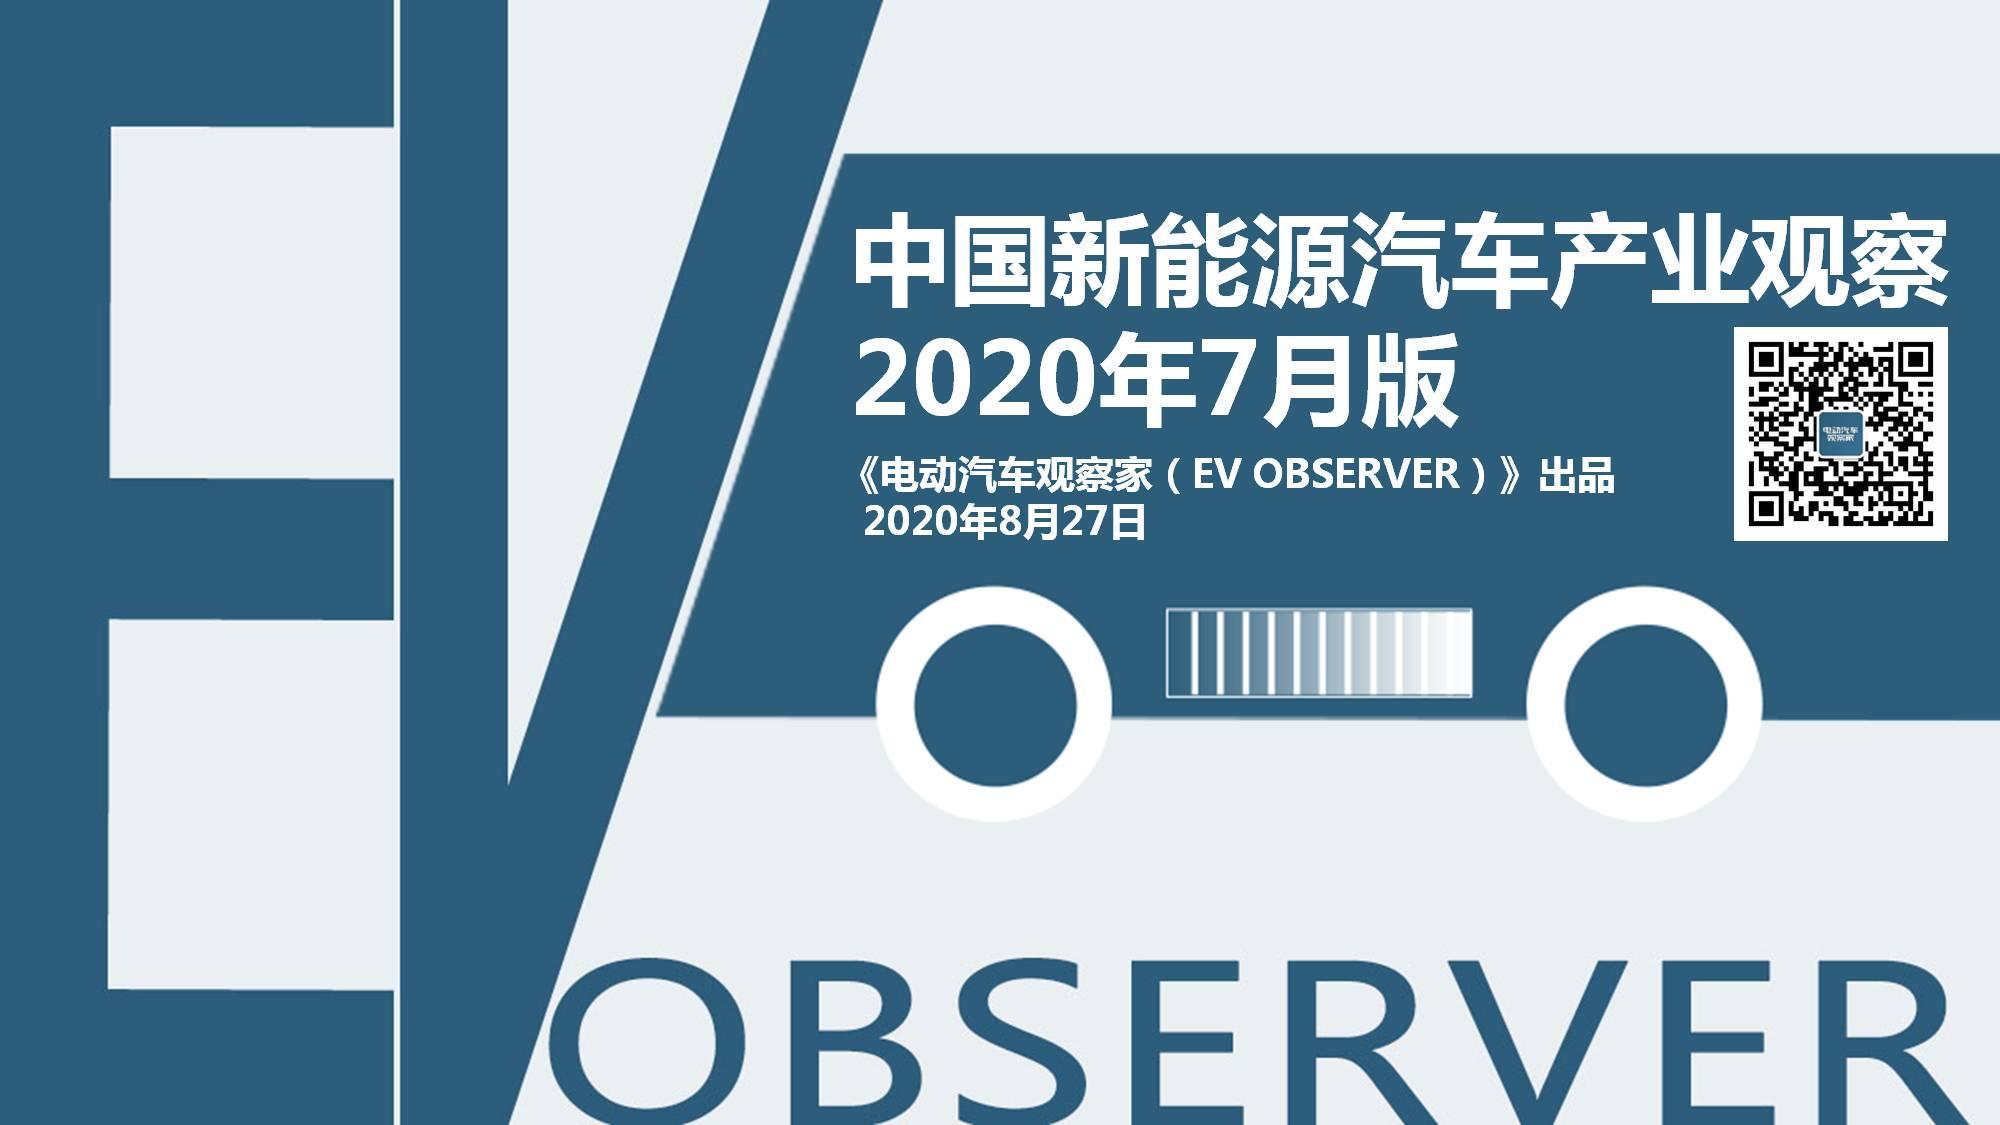 新能源汽车产业观察及动力电池产业观察2020年7月版精华